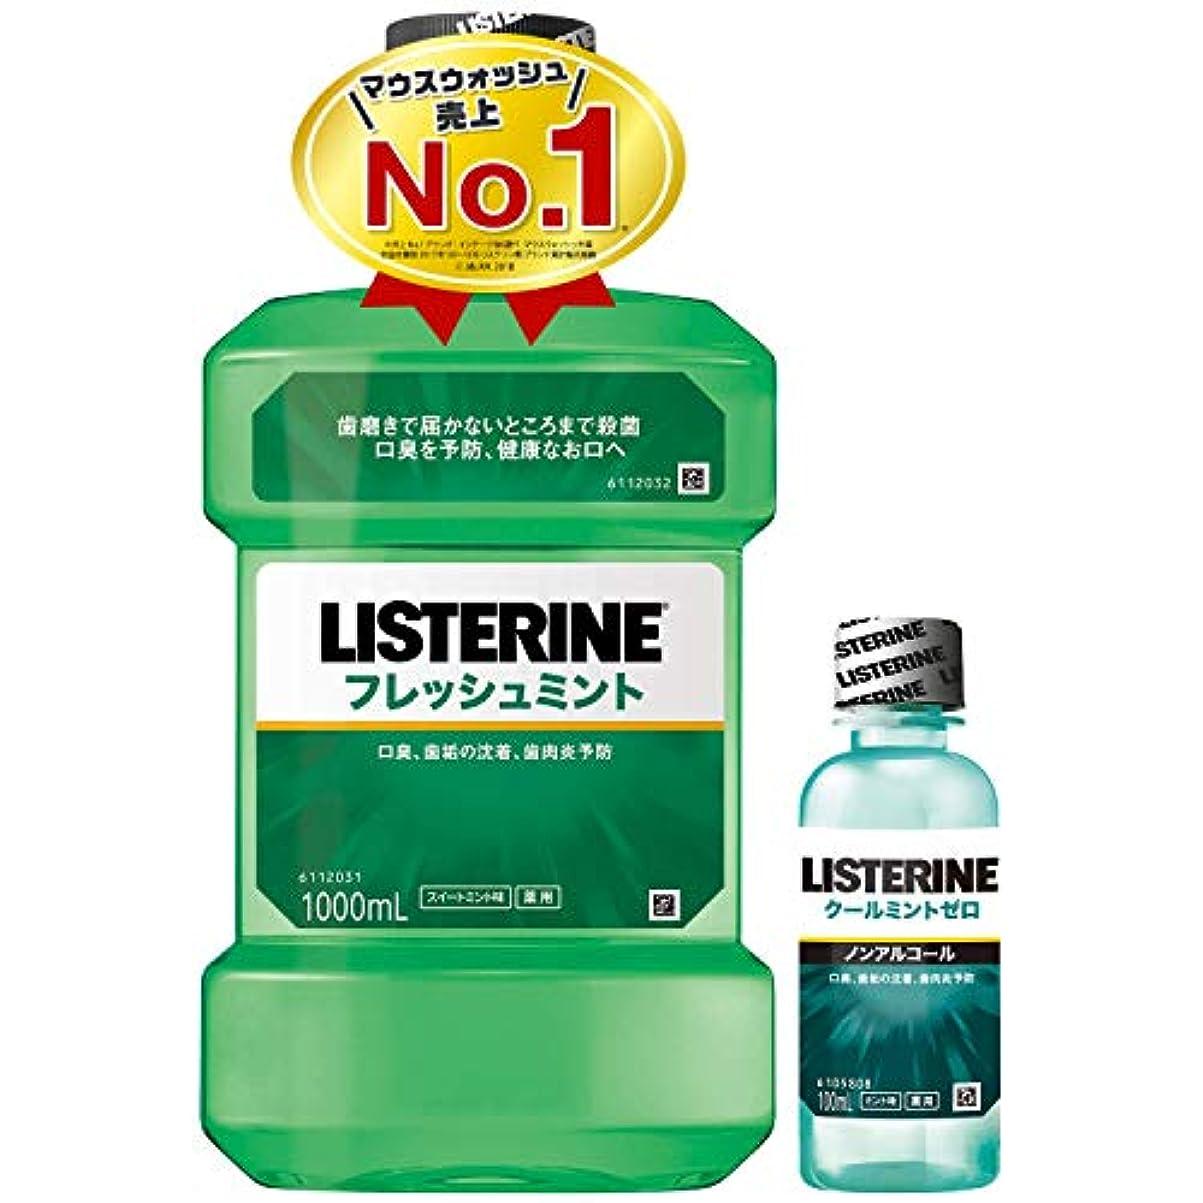 大使証明返還【Amazon.co.jp限定】 LISTERINE(リステリン) [医薬部外品] 薬用 リステリン フレッシュミント マウスウォッシュ スイートミント味 単品 1000mL+おまけつき